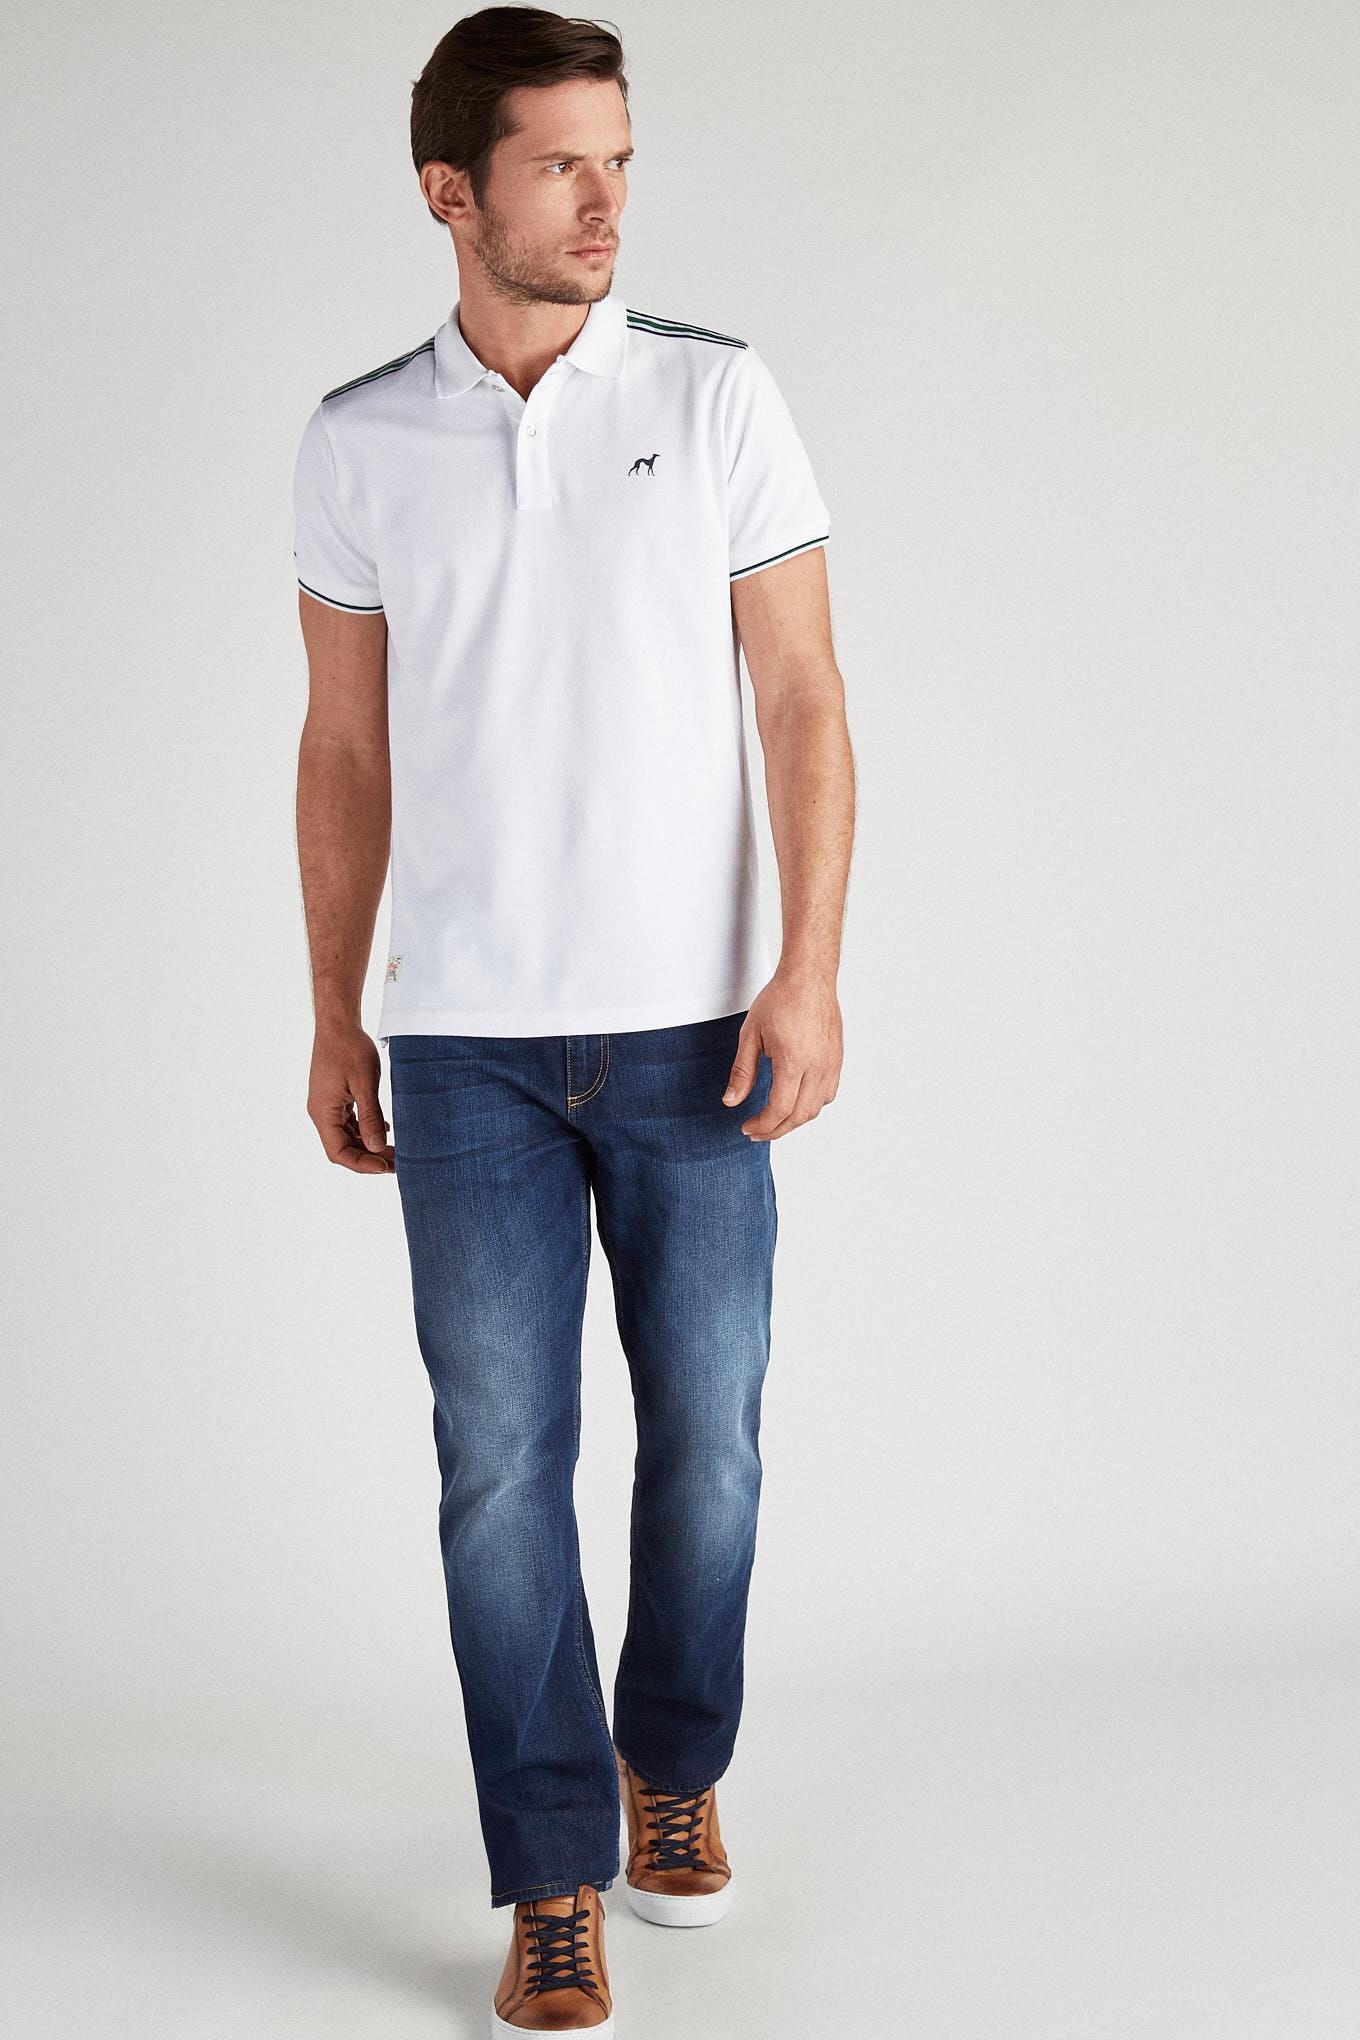 Polo Piquet White Sport Man